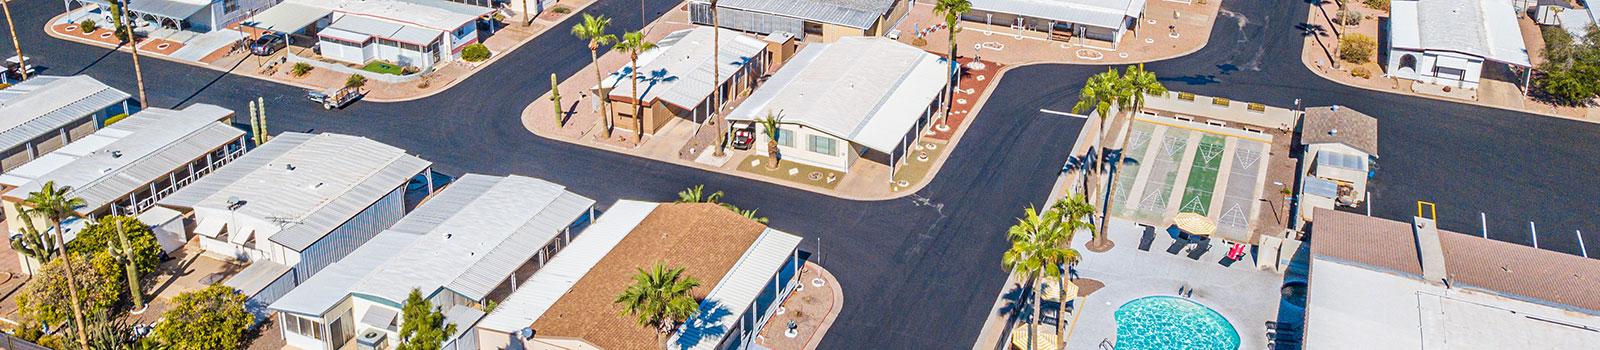 Aerial drone photo of El Dorado RV Resort